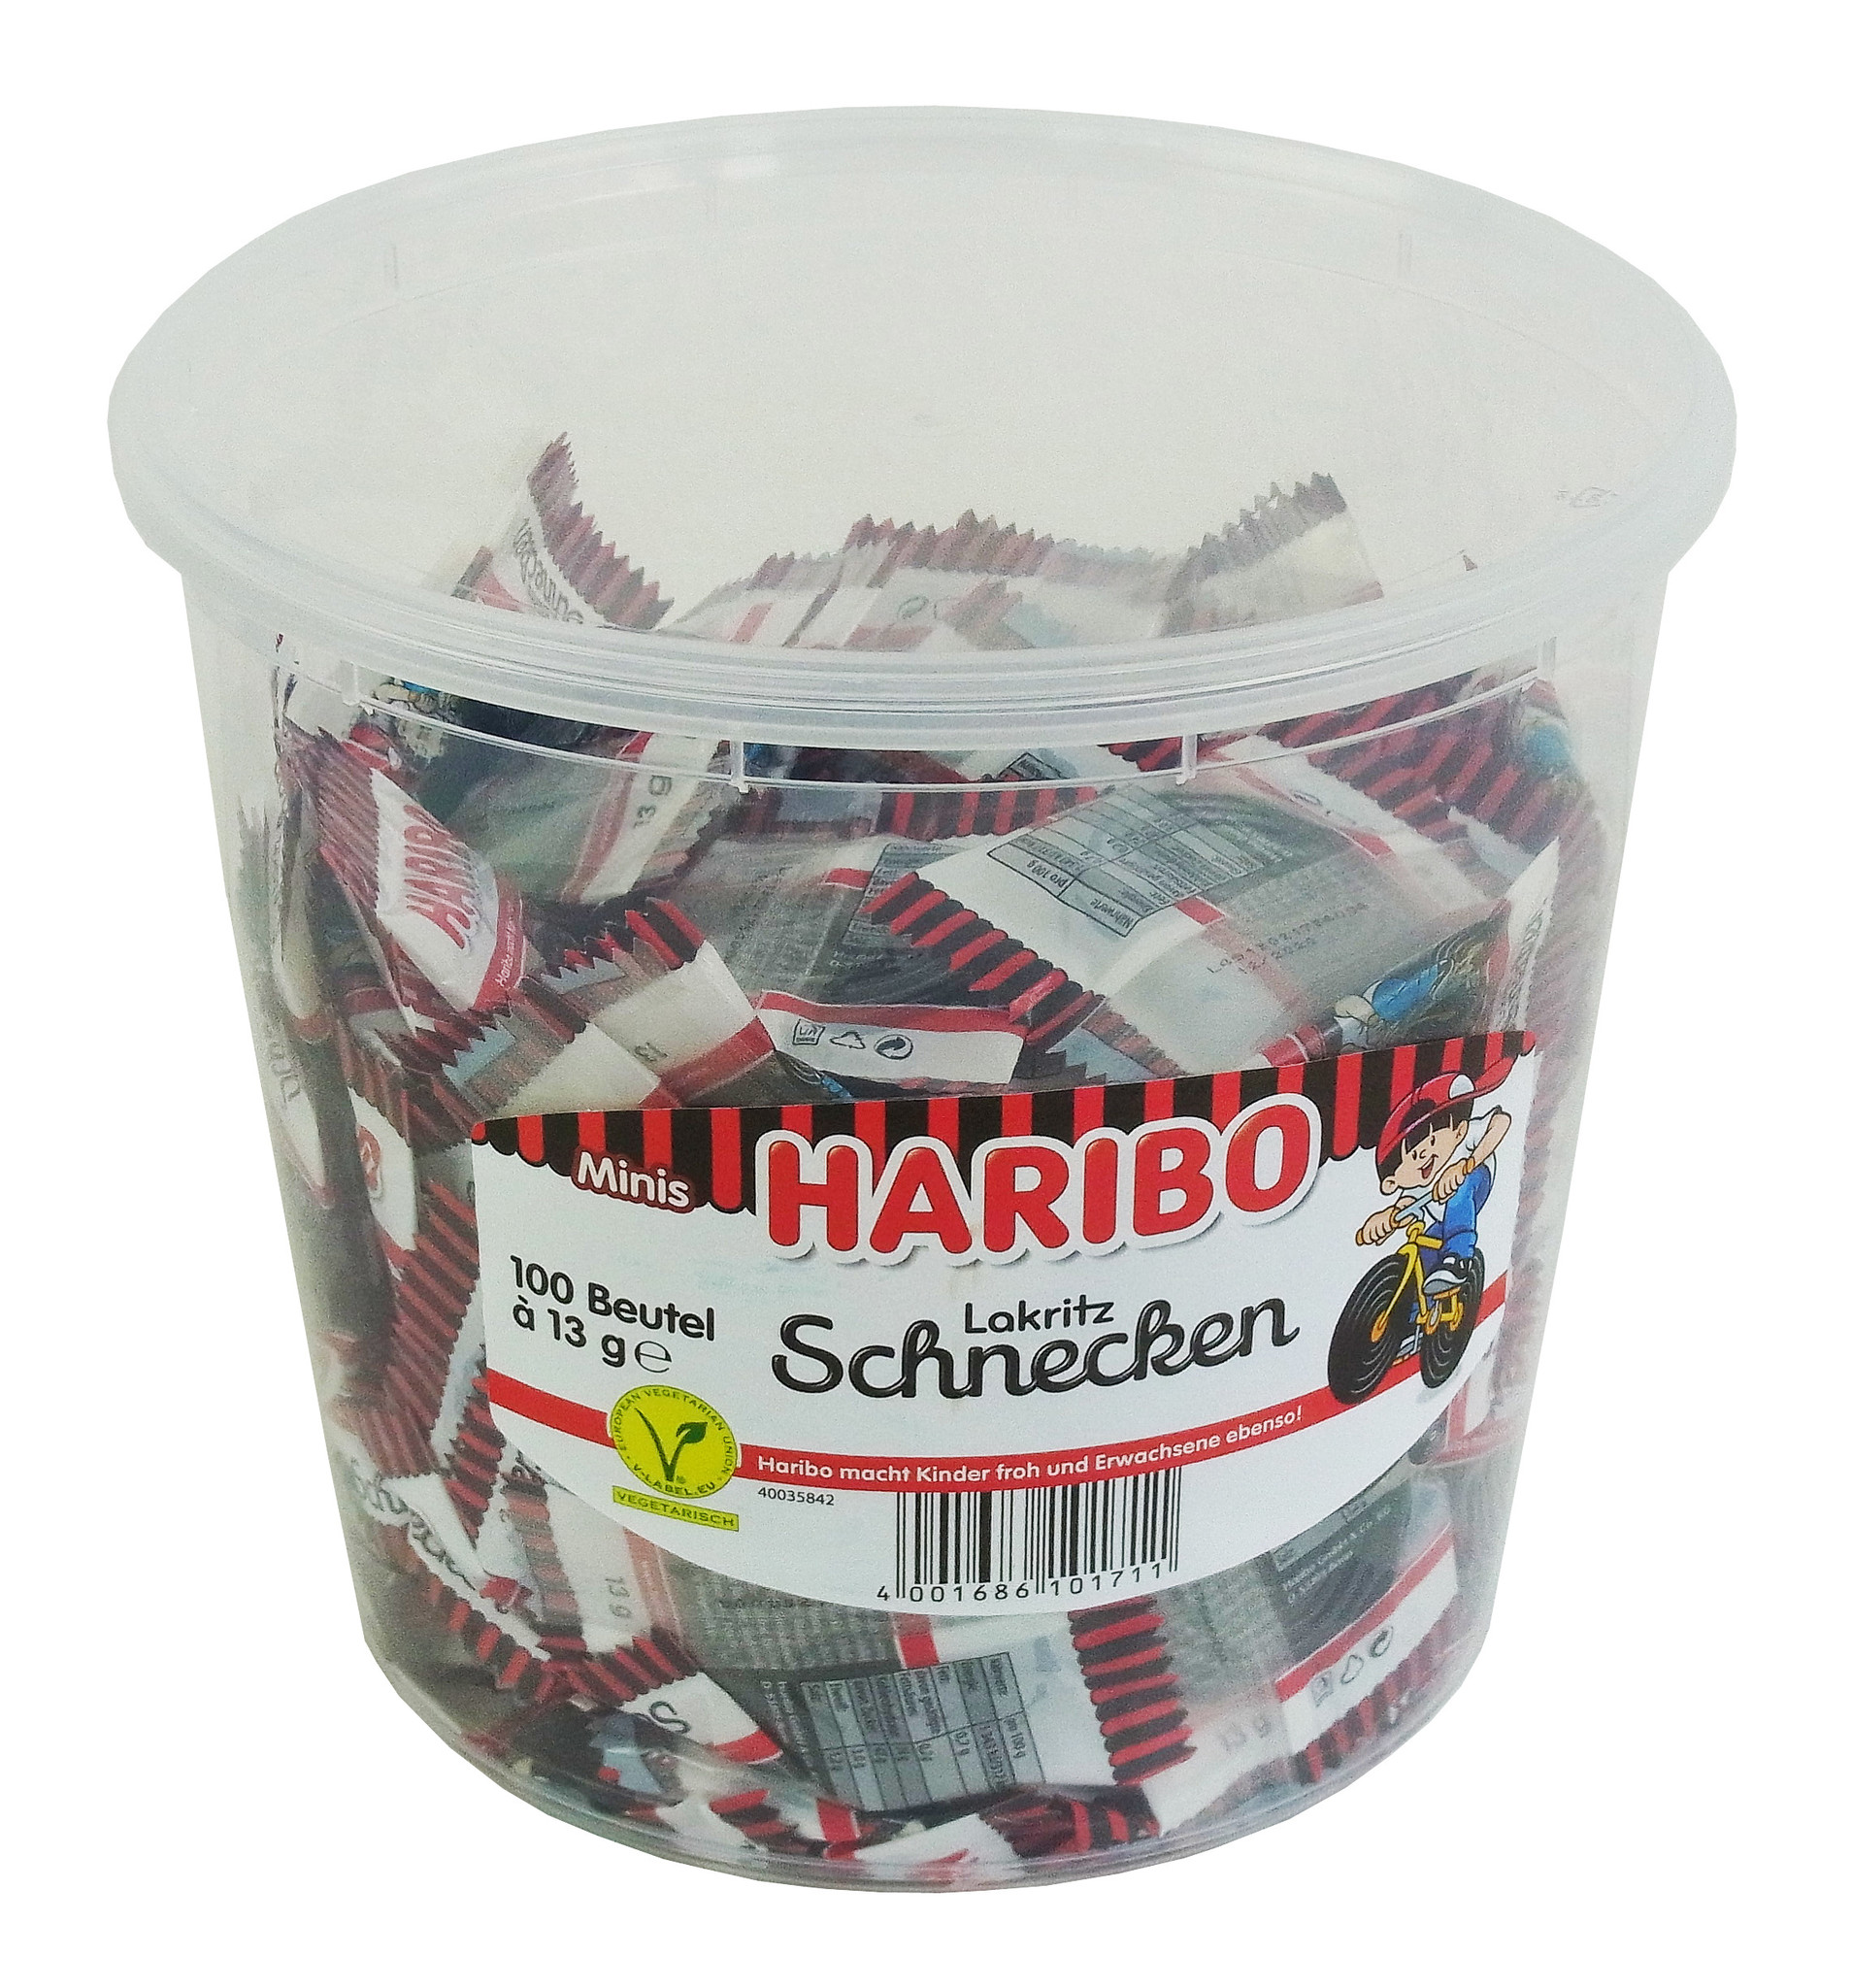 Haribo Lakritz Schnecken 100 x 13g in Einzelverpackung